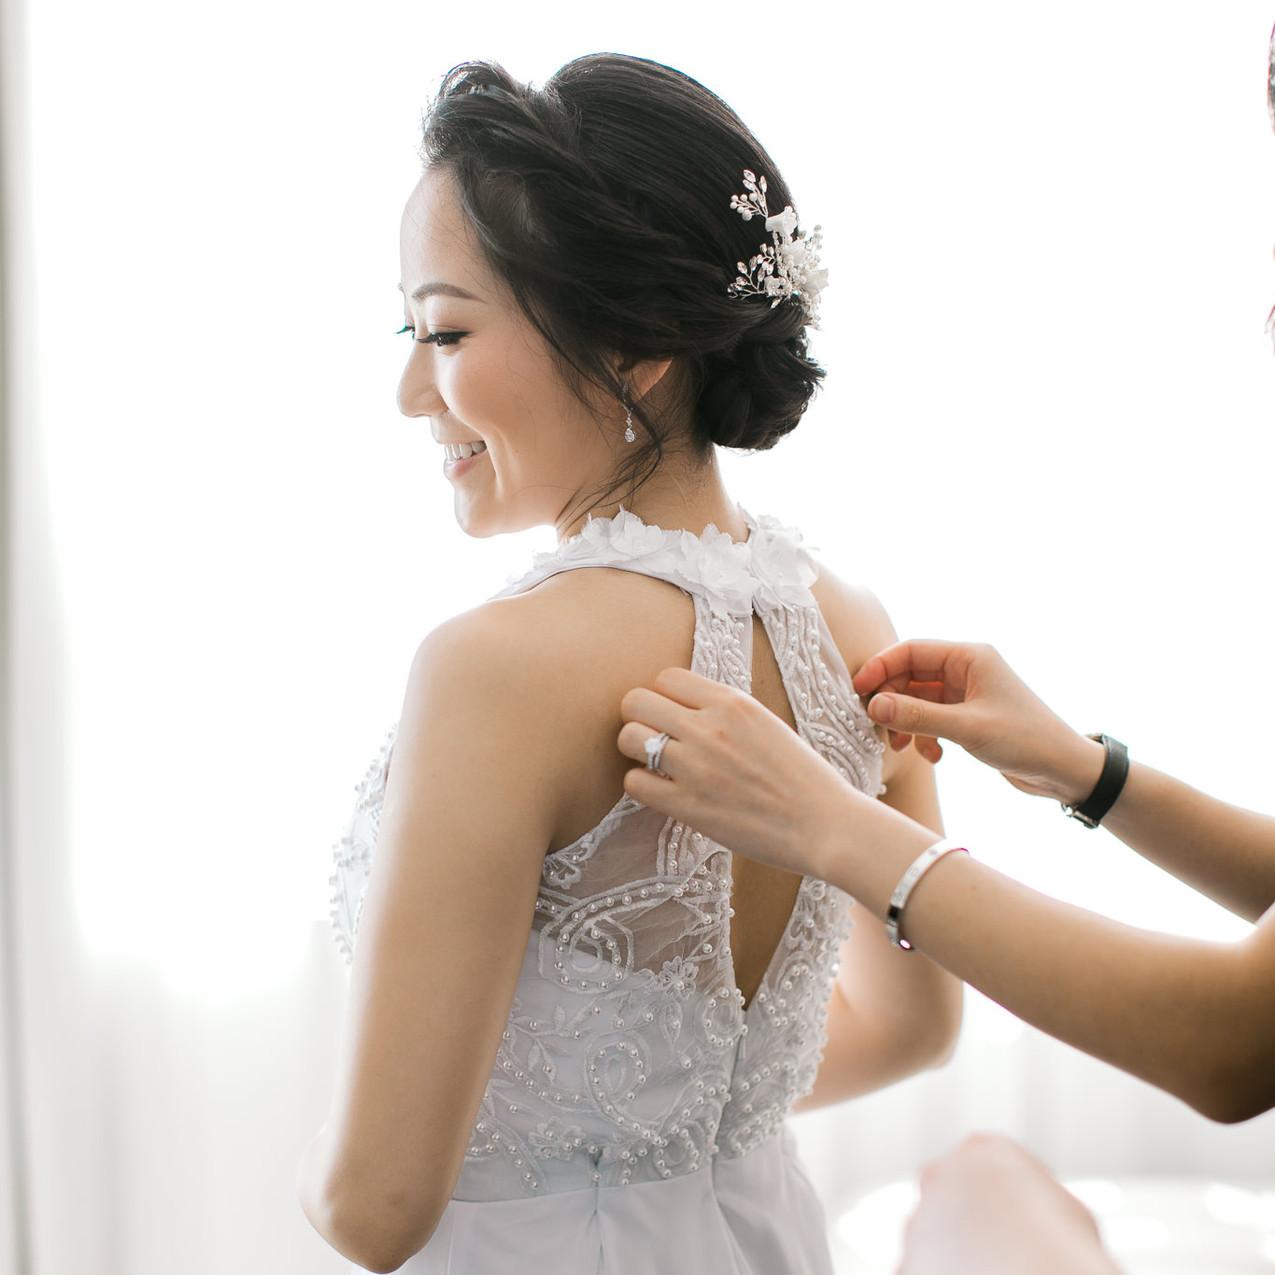 Sydney Bridal Makeup Photography: Clarzzique